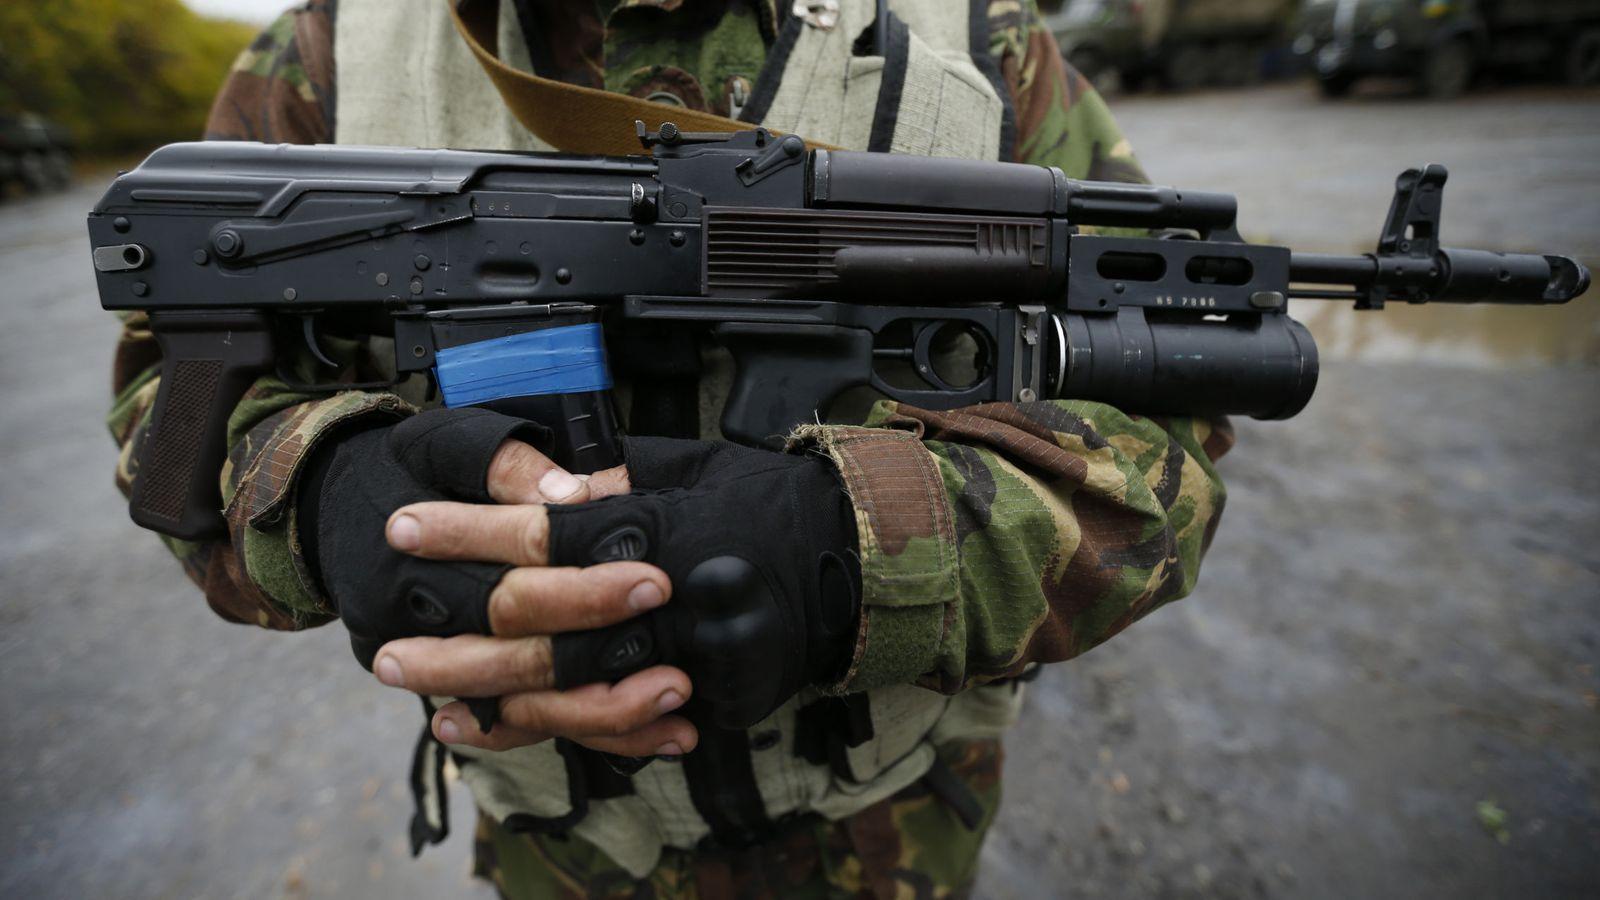 Foto: Un soldado ucraniano sostiene un kalashnikov en un campamento de Luhanske, en el este de Ucrania, en septiembre de 2014 (Reuters)